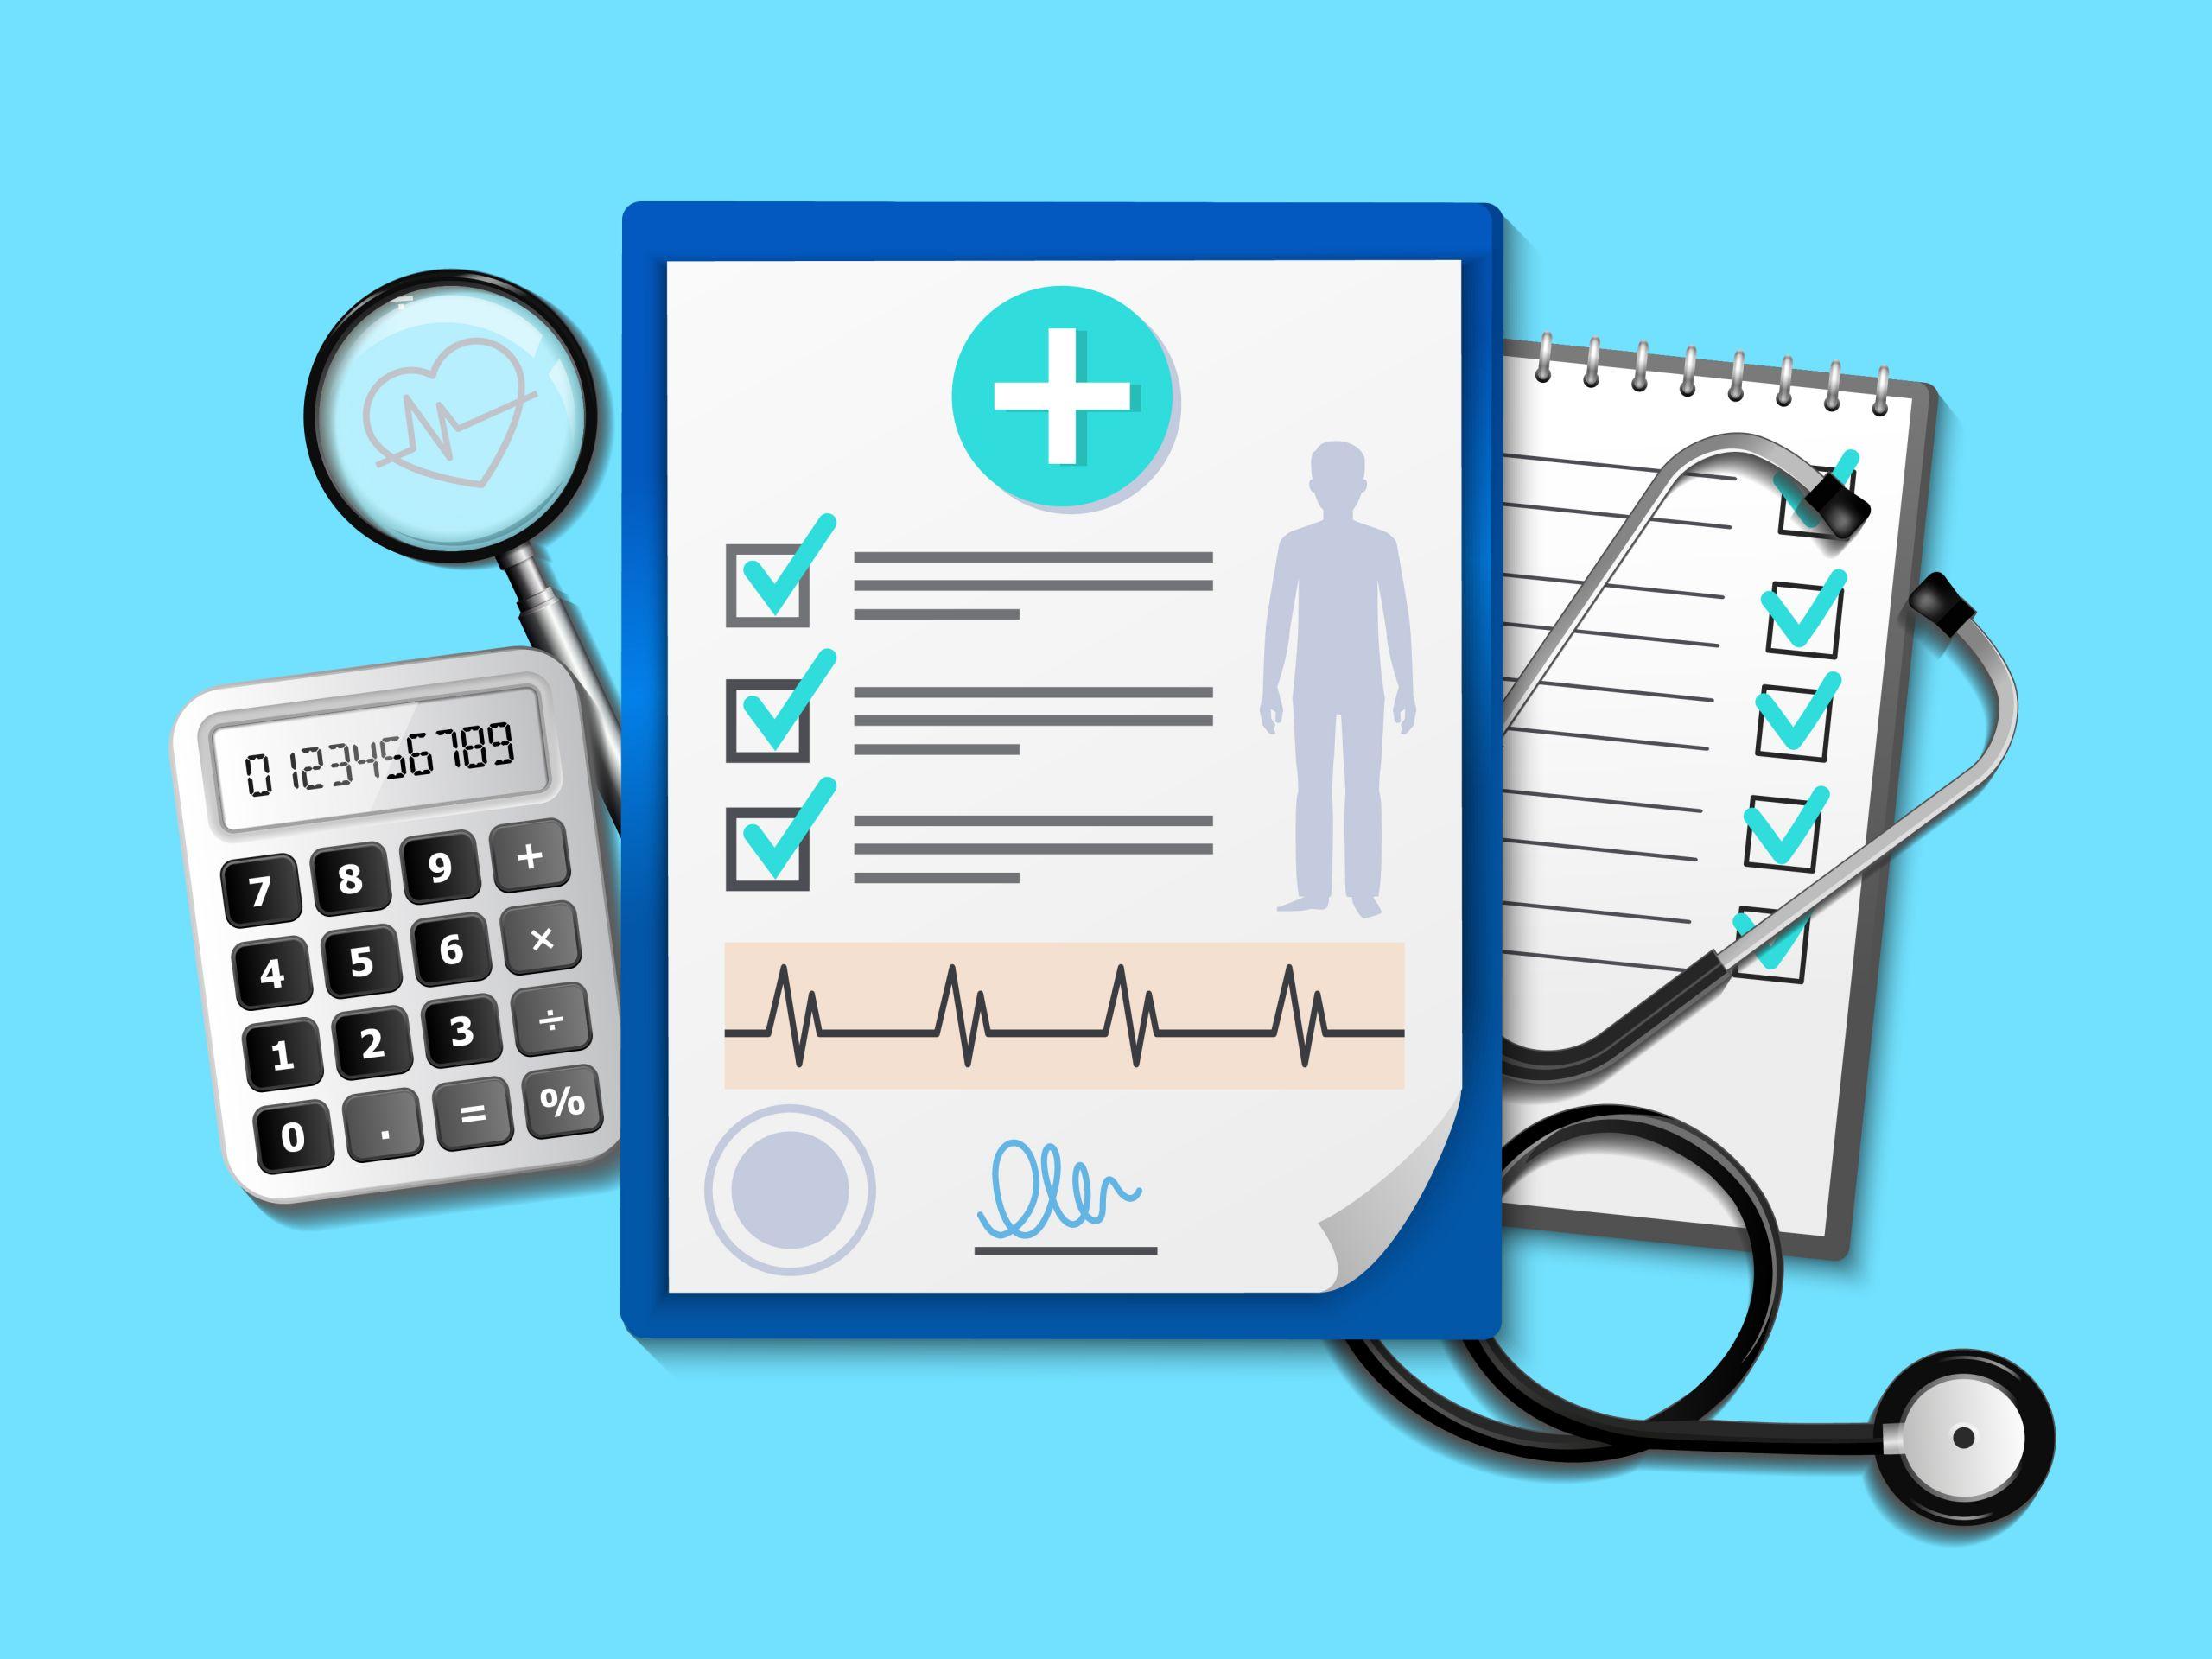 Grafisch dargestellt sind ein Taschenrechner, eine Lupe, ein Stethoskop, eine Checkliste und ein ärztlicher Fragebogen.